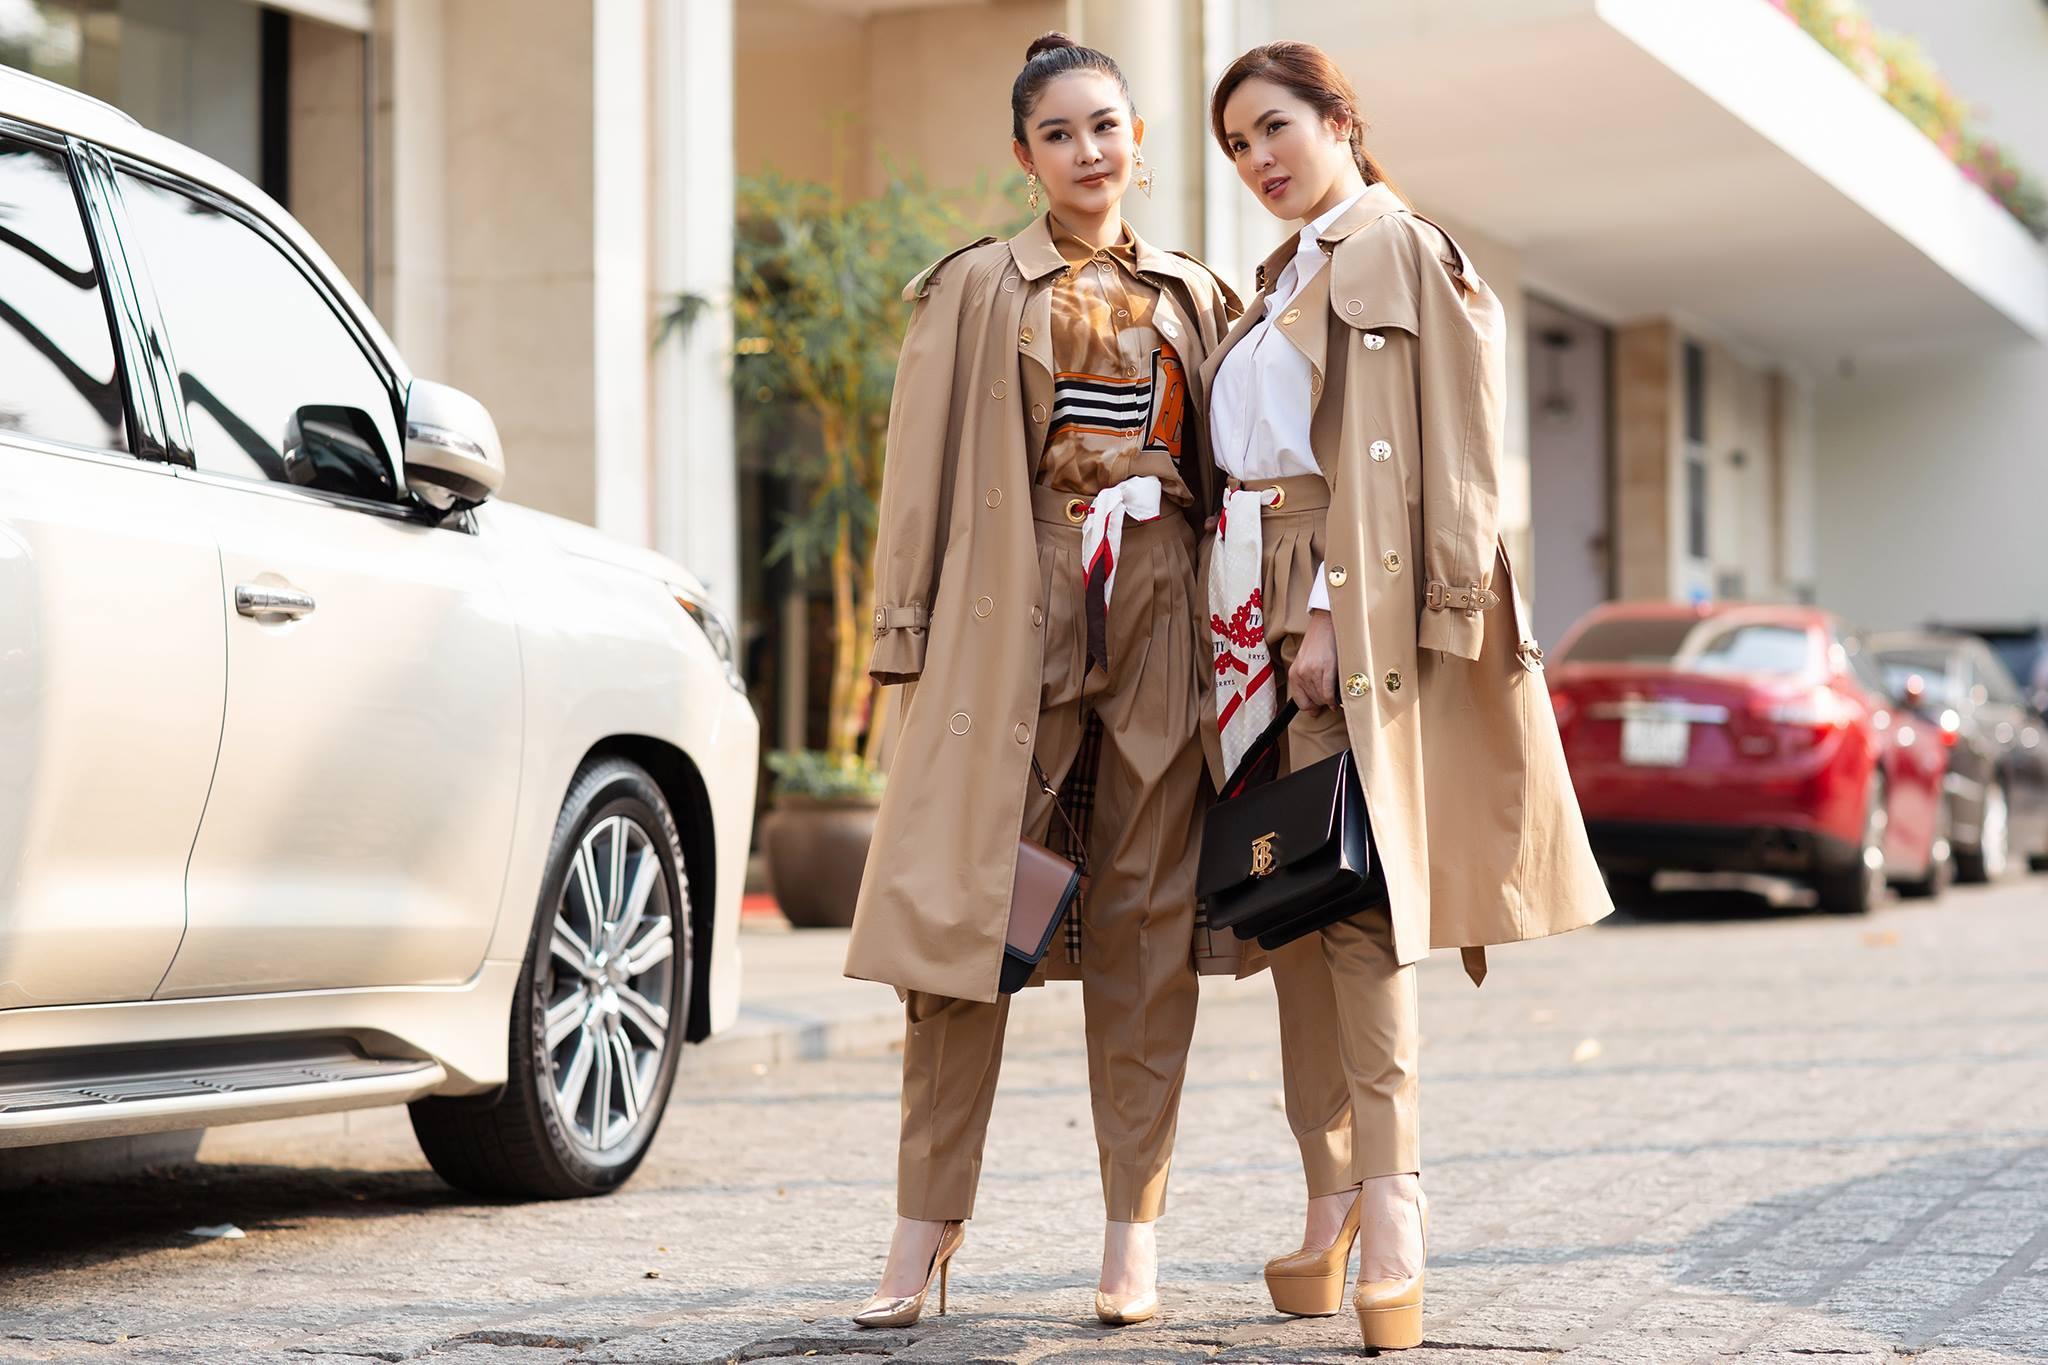 Sài Gòn gần 40 độ, Ngân Anh gây 'hết hồn' khi mặc đồ mùa đông kín mít Ảnh 2